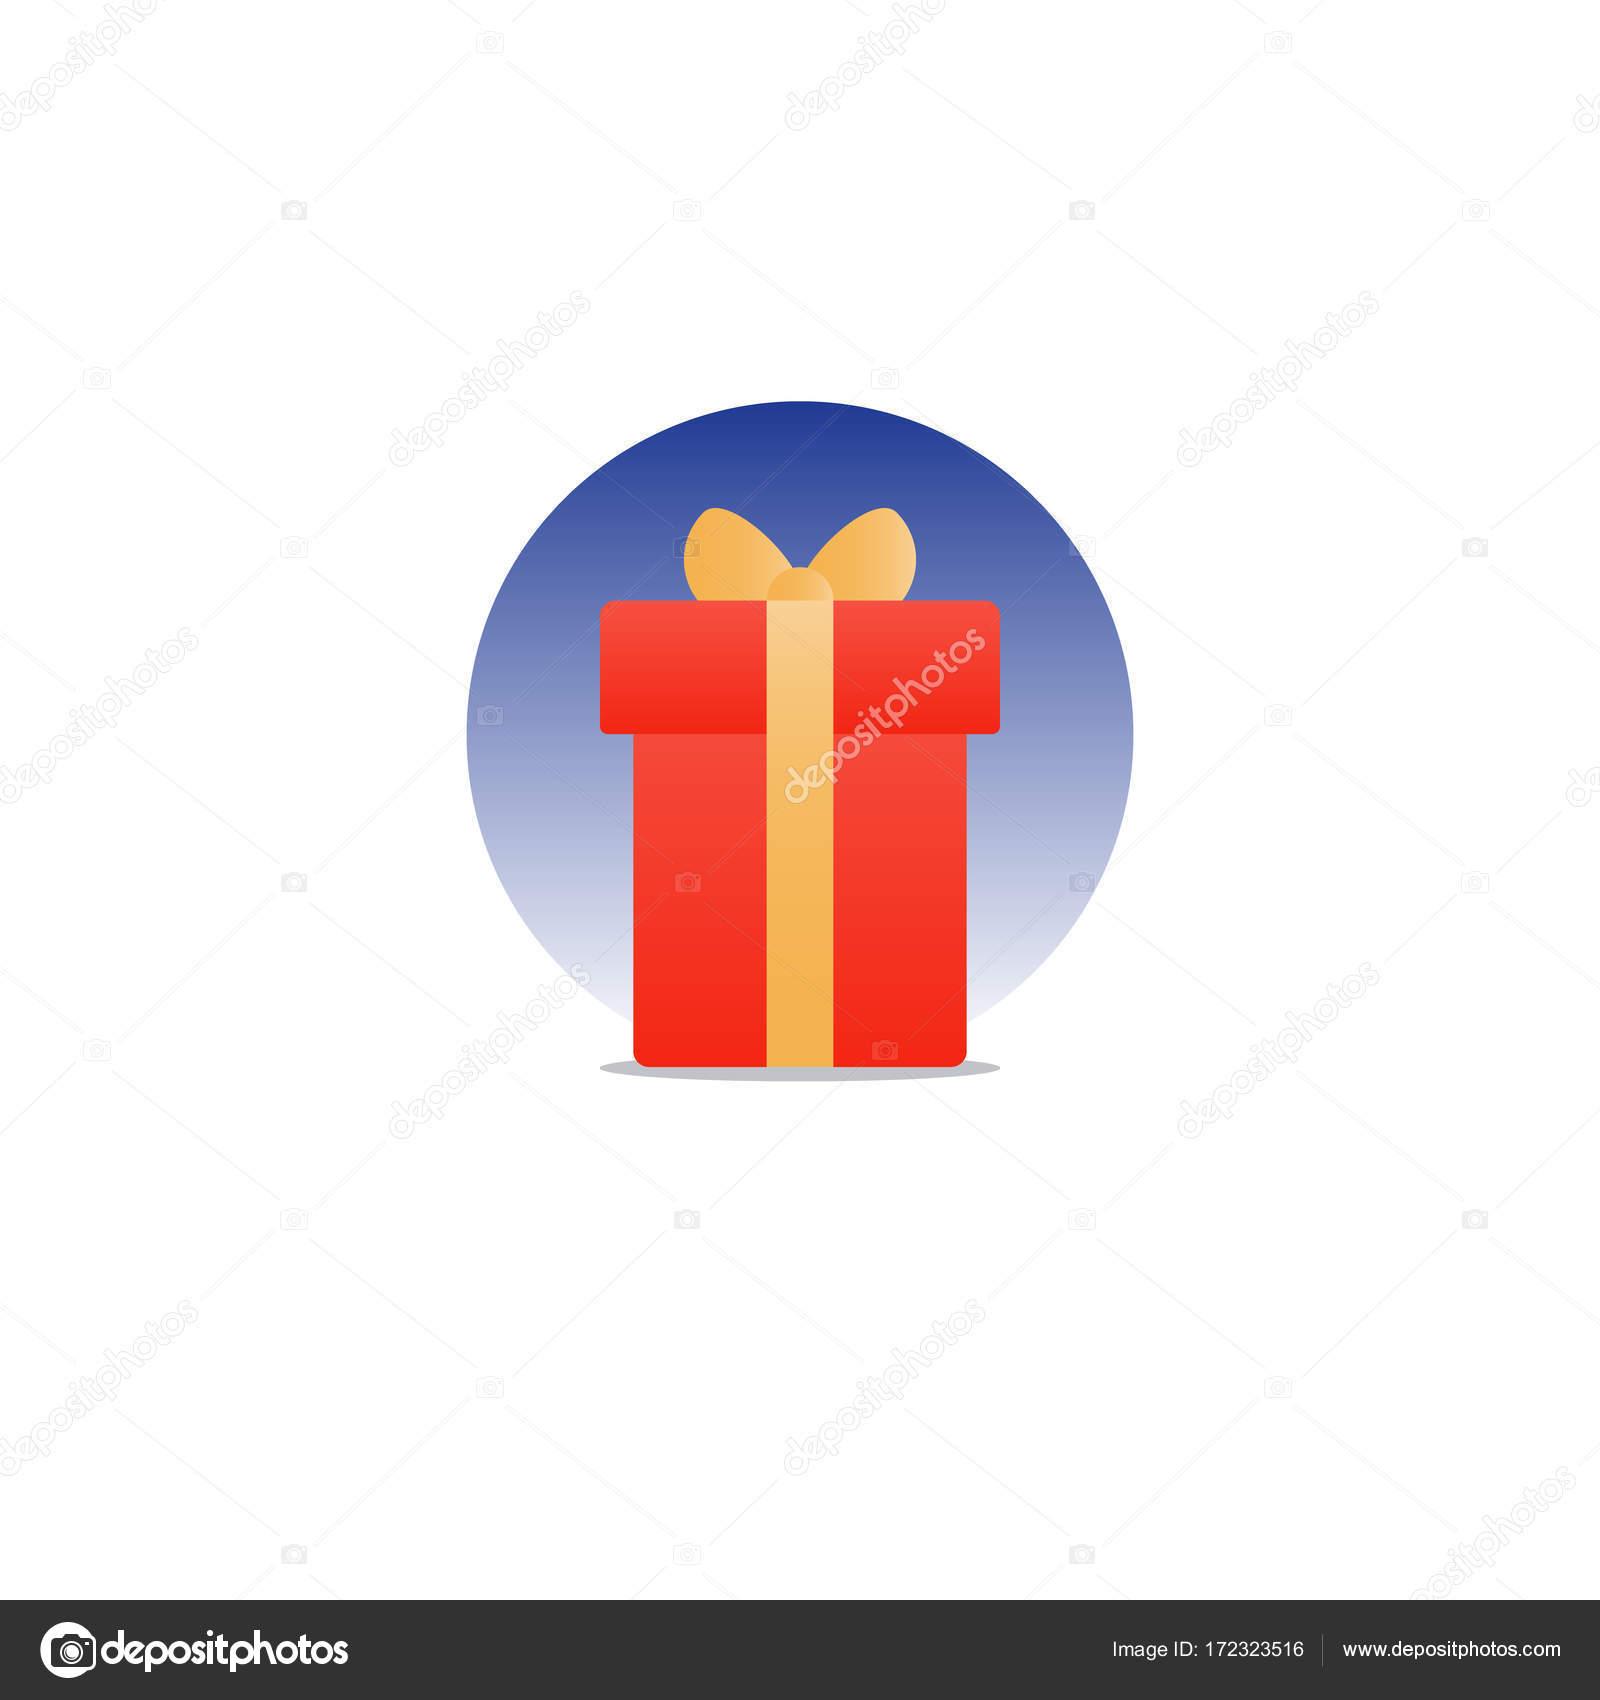 Herzlichen Glückwunsch Geschenk Box Geschenk Preis Award